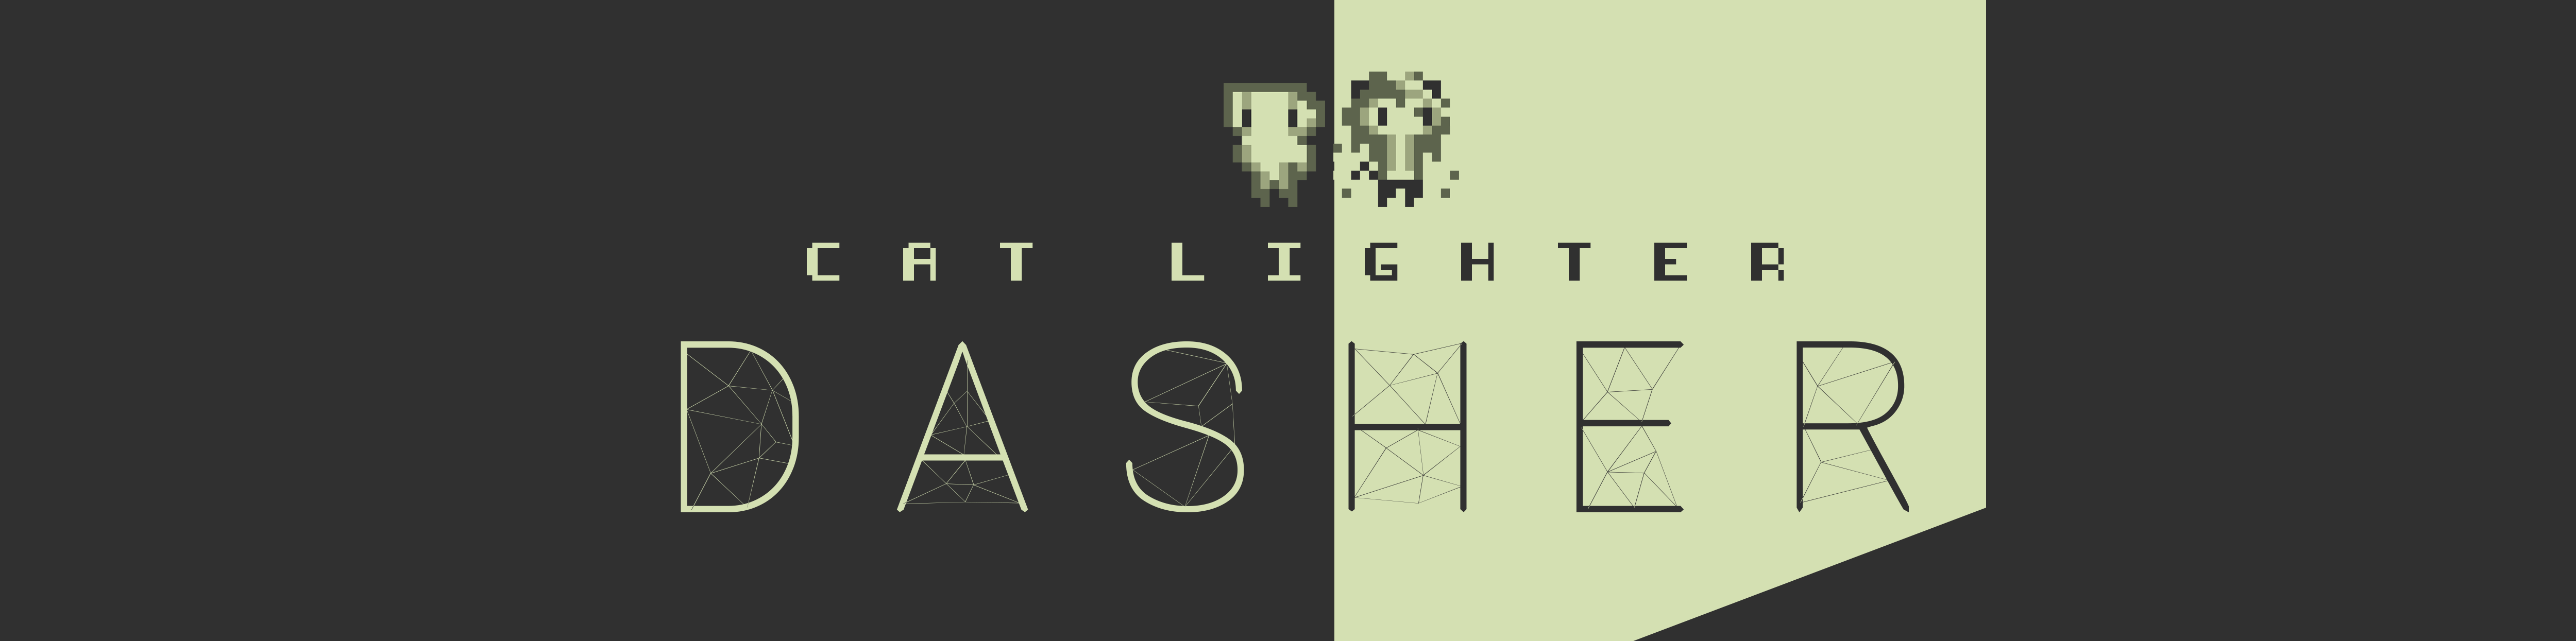 Cat Lighter Dasher